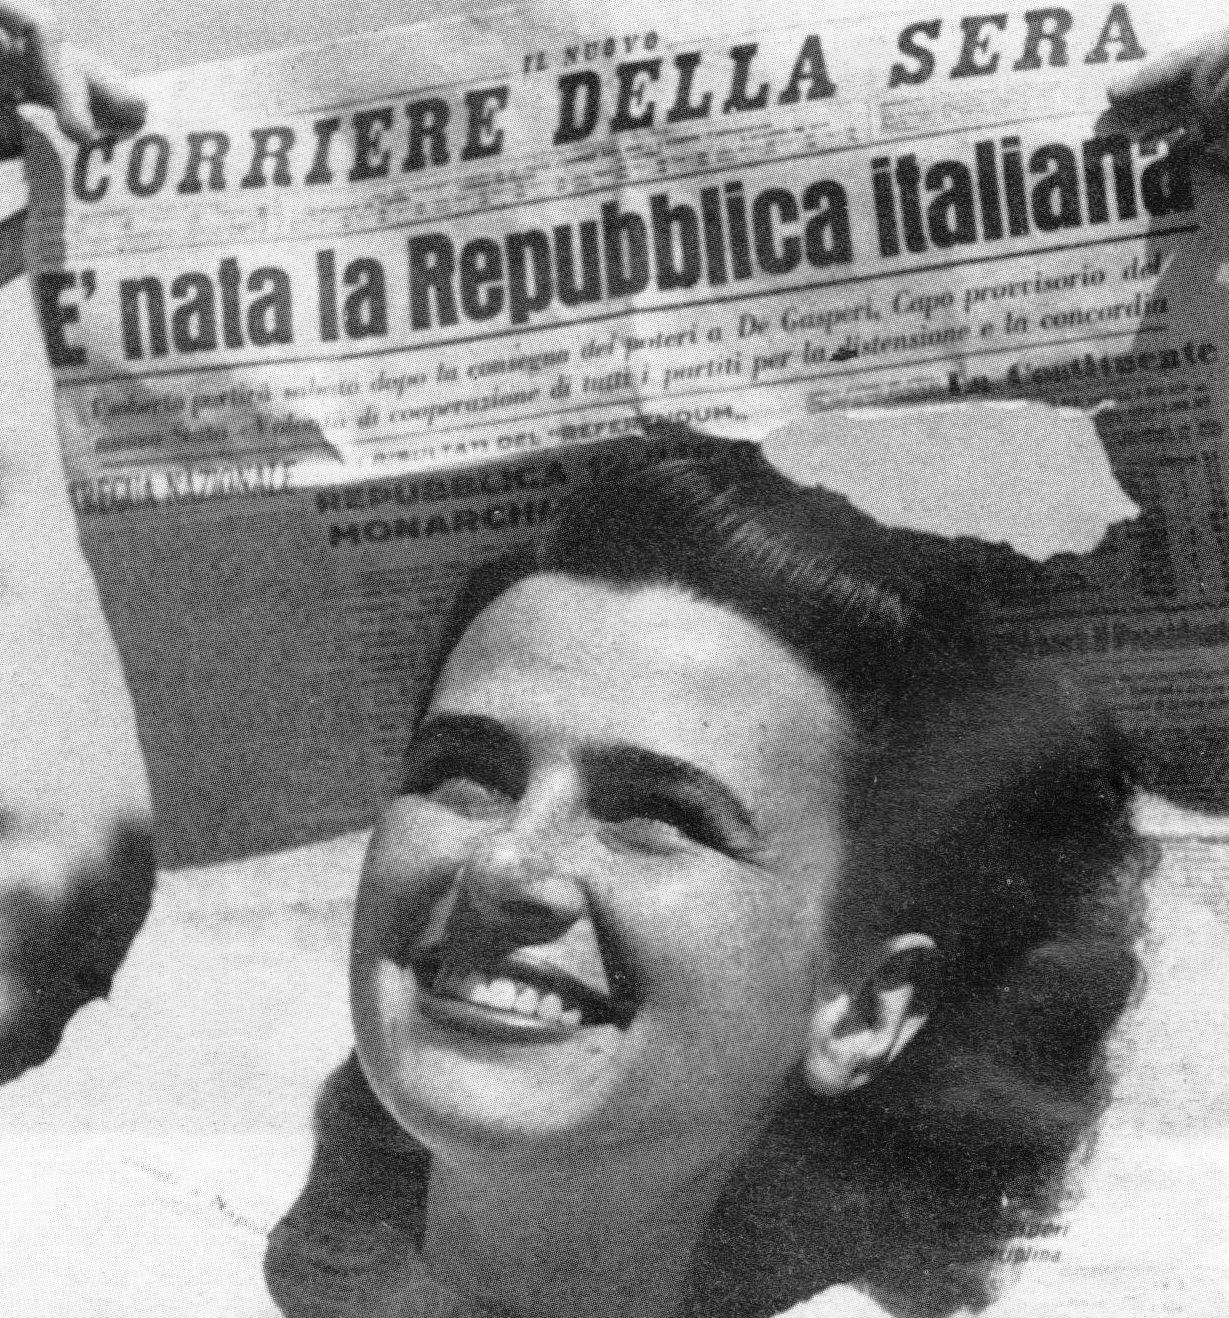 la notizia della nascita della Repubblica Italiana